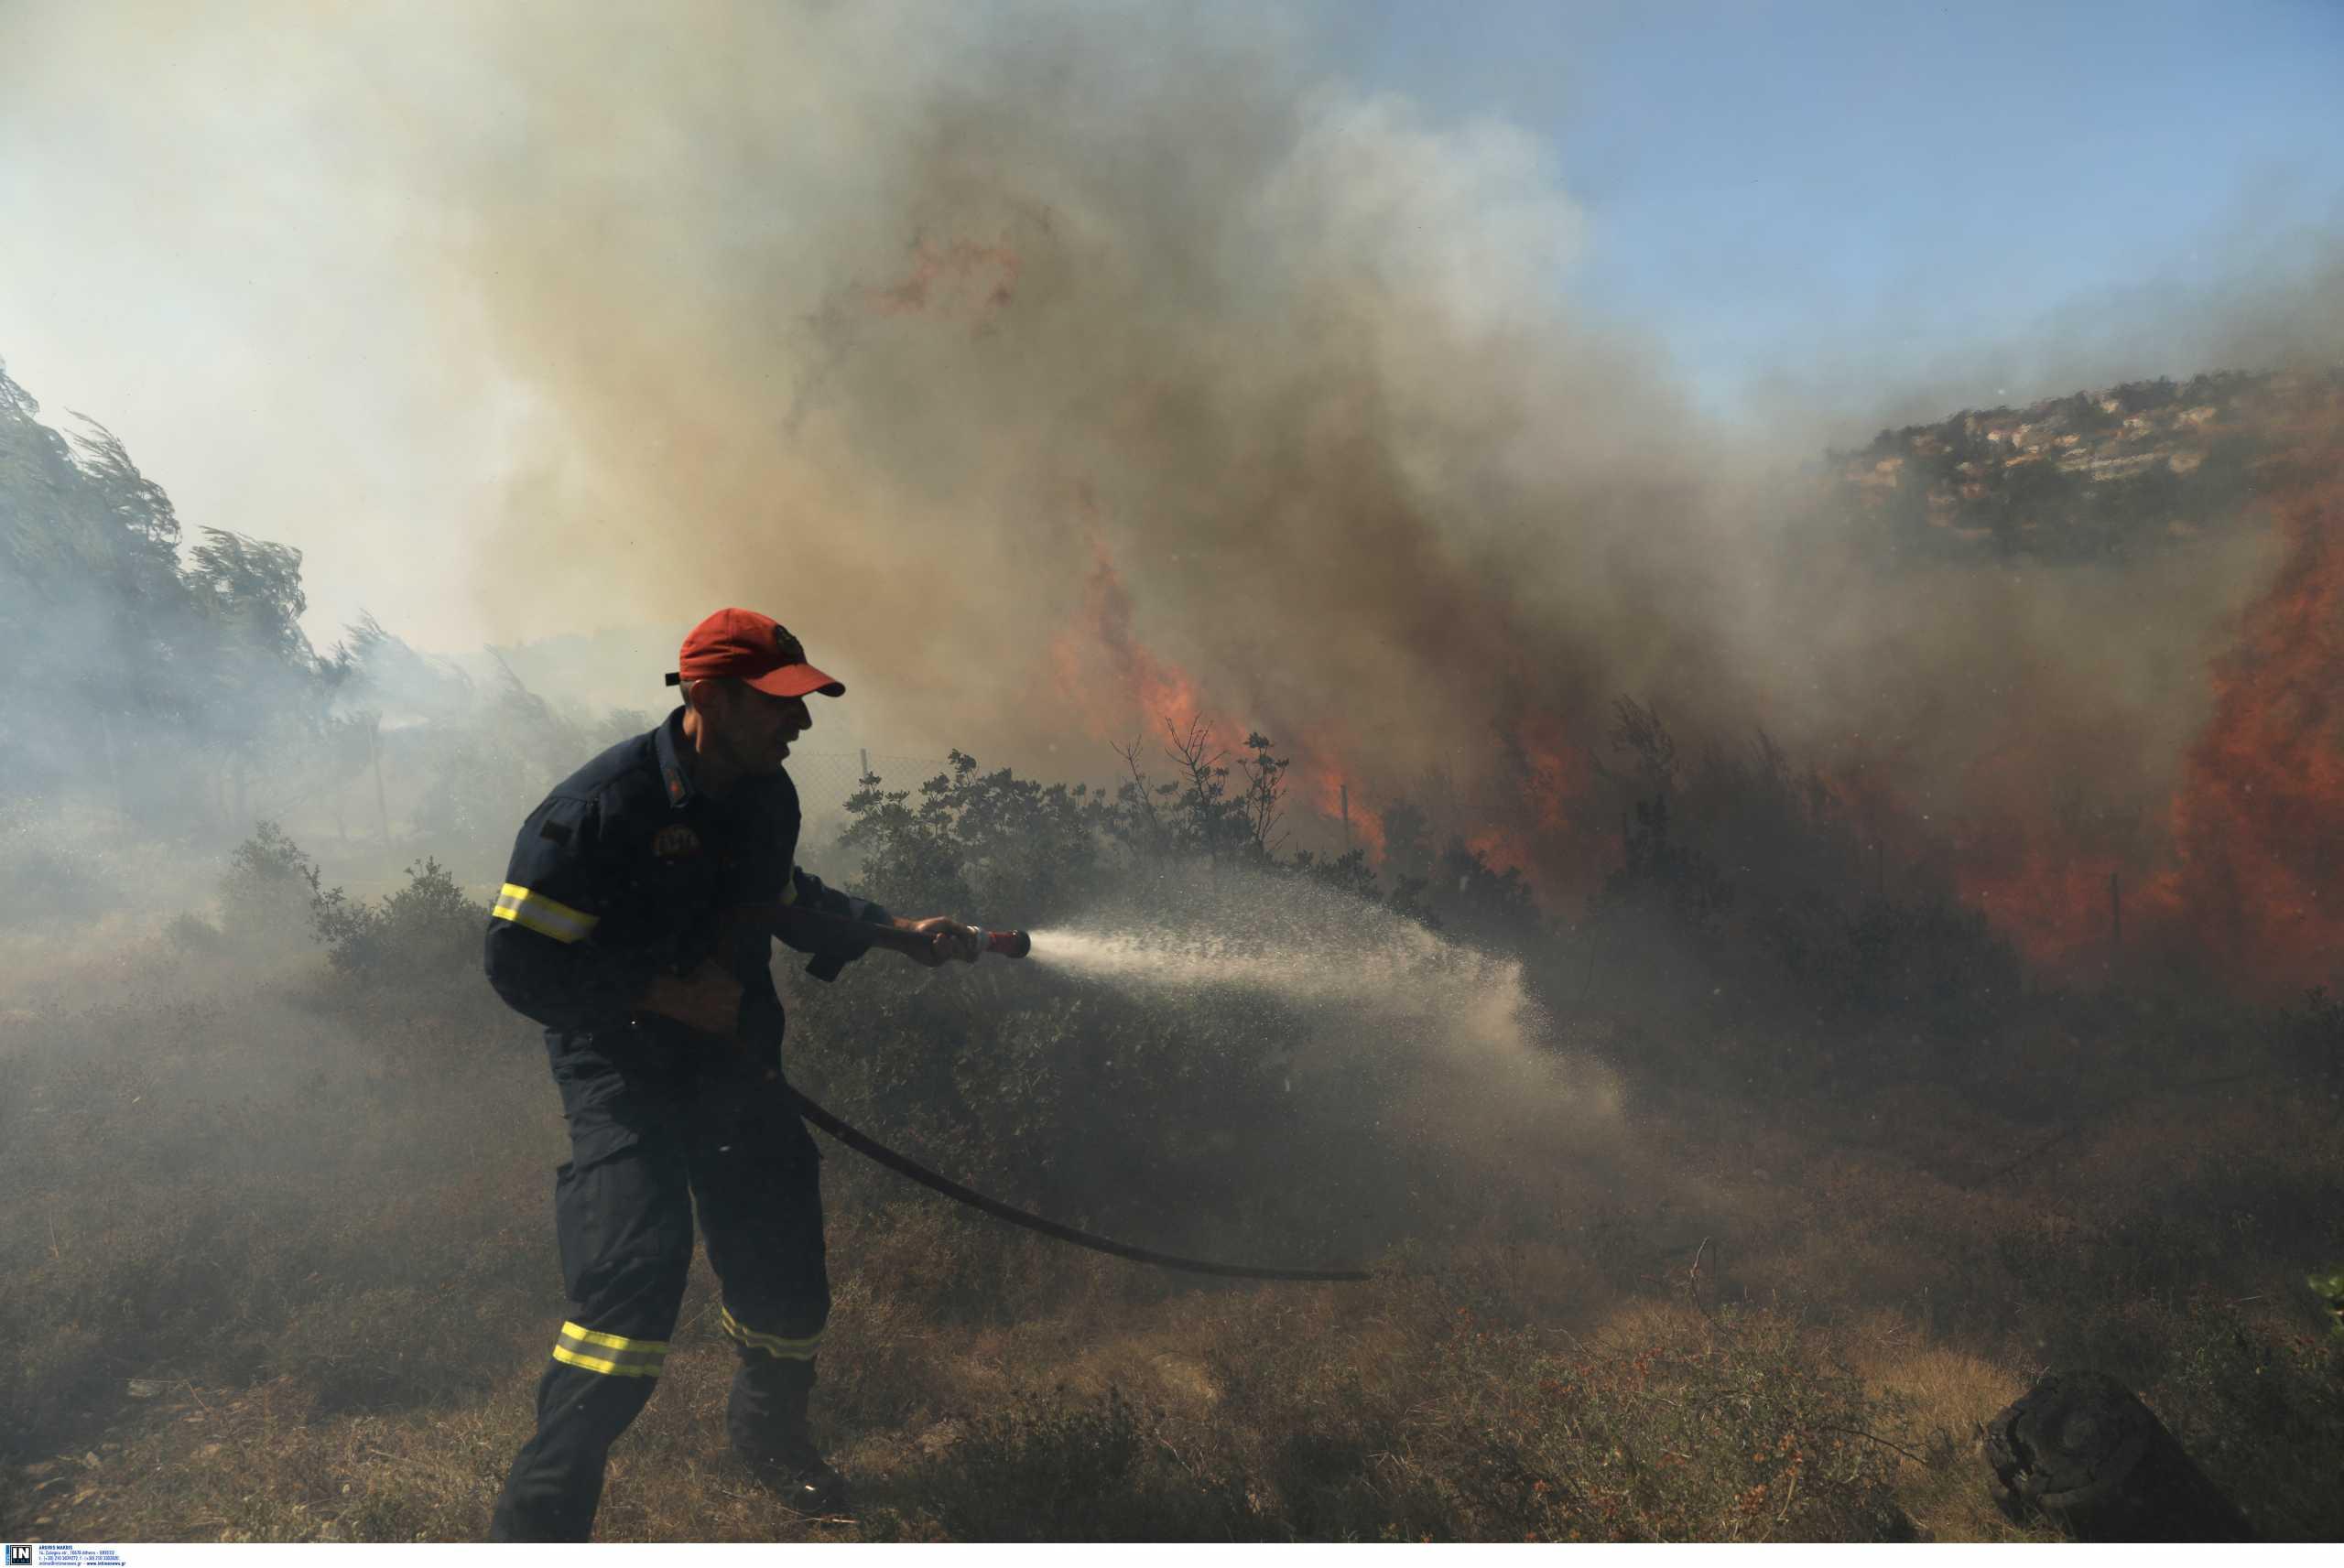 Χανιά: Σε ύφεση η μεγάλη φωτιά στο Προδρόμι μετά από μια νύχτα κόλαση για κατοίκους και πυροσβέστες